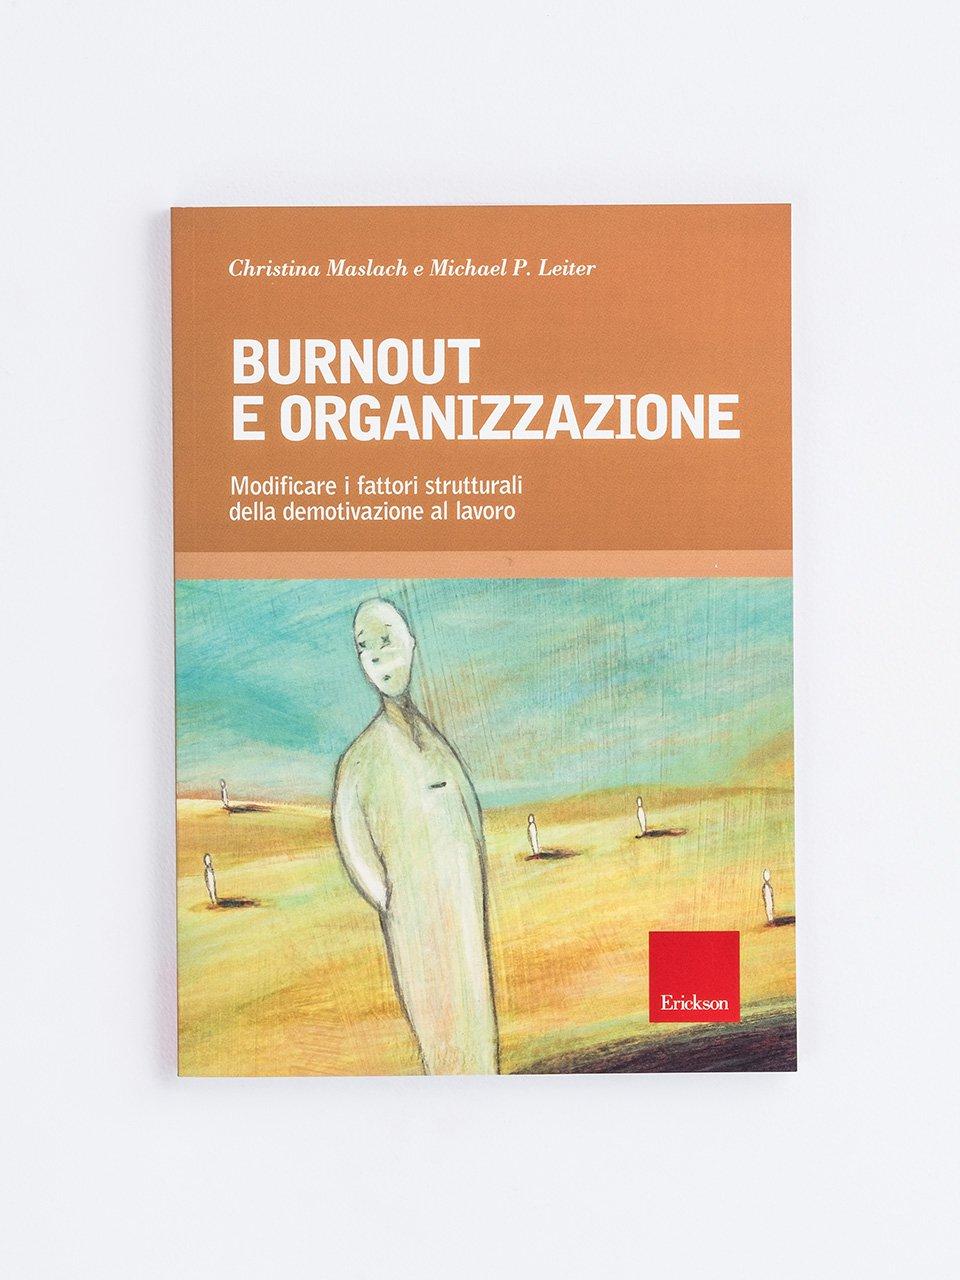 Burnout e organizzazione - Libri - Erickson